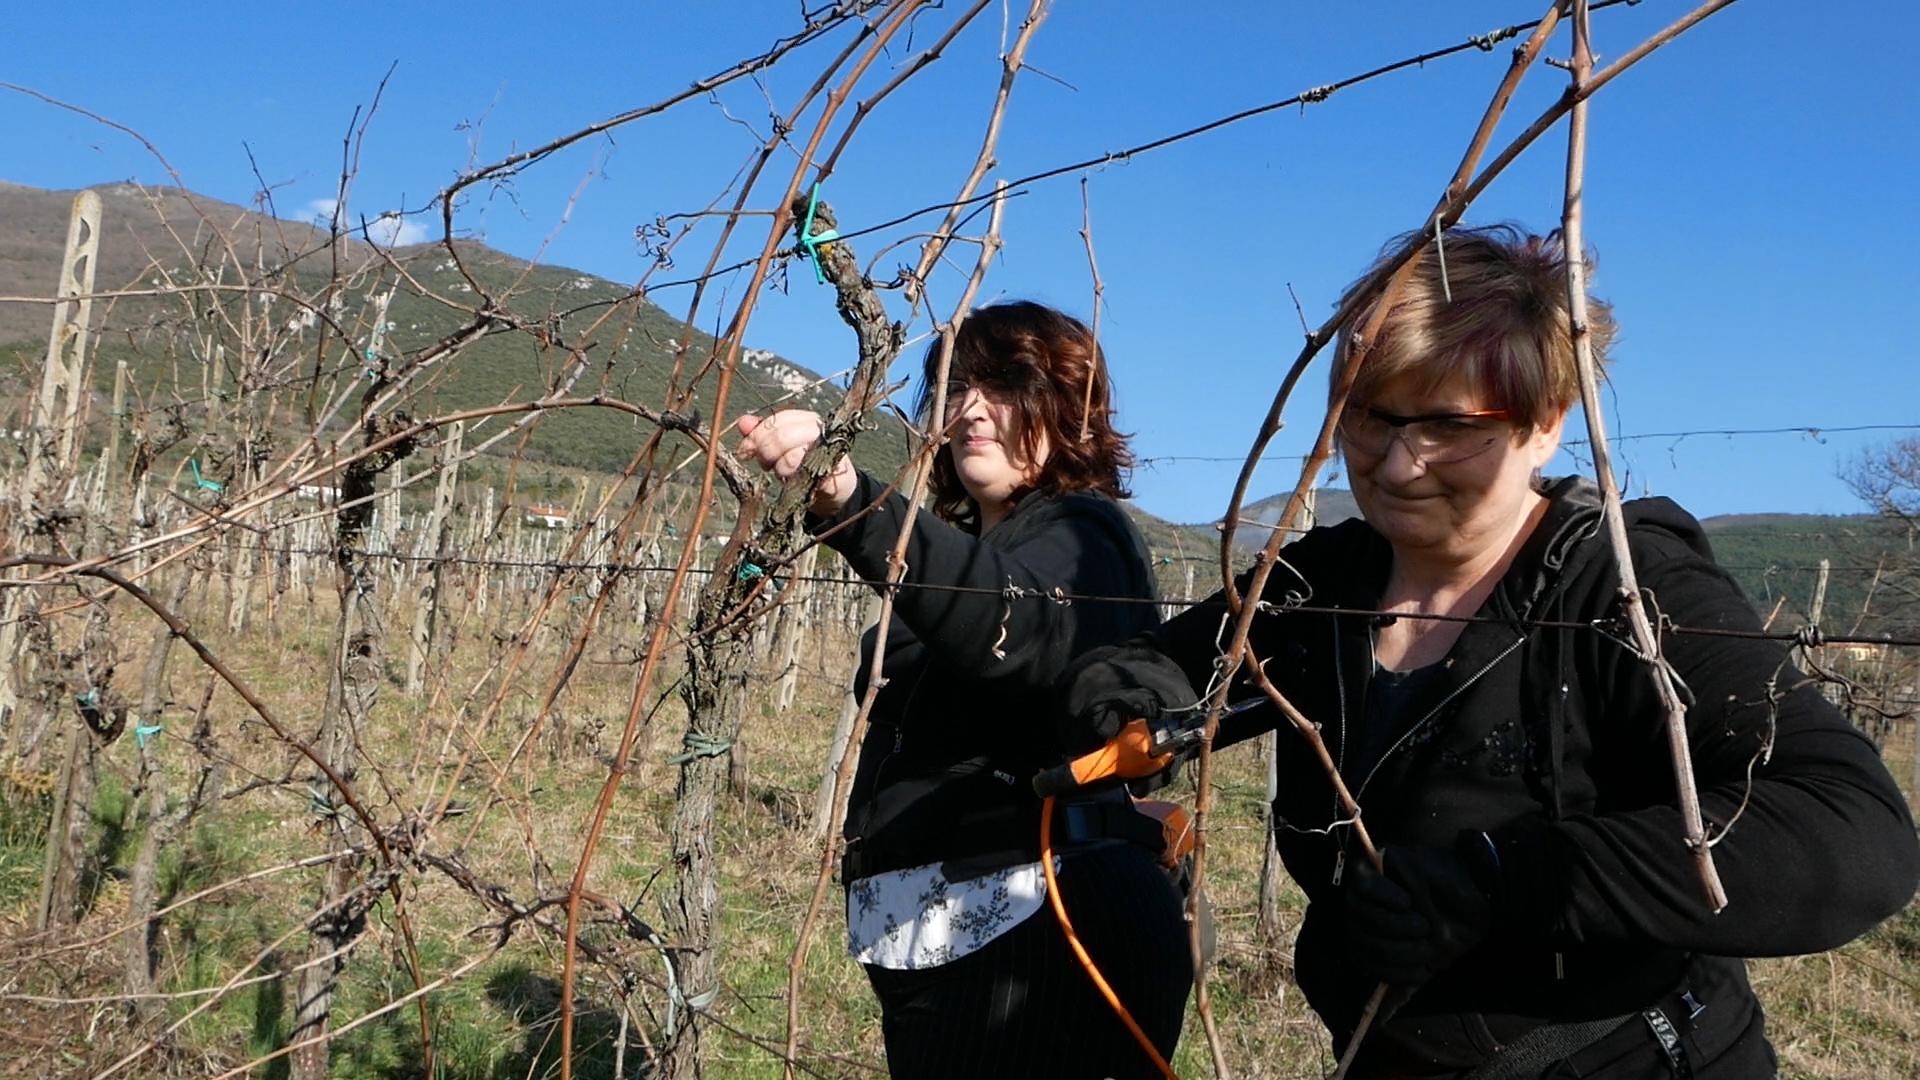 Esperienza sensoriale Assisi Tili Vini - Mastro potatore per un giorno 10